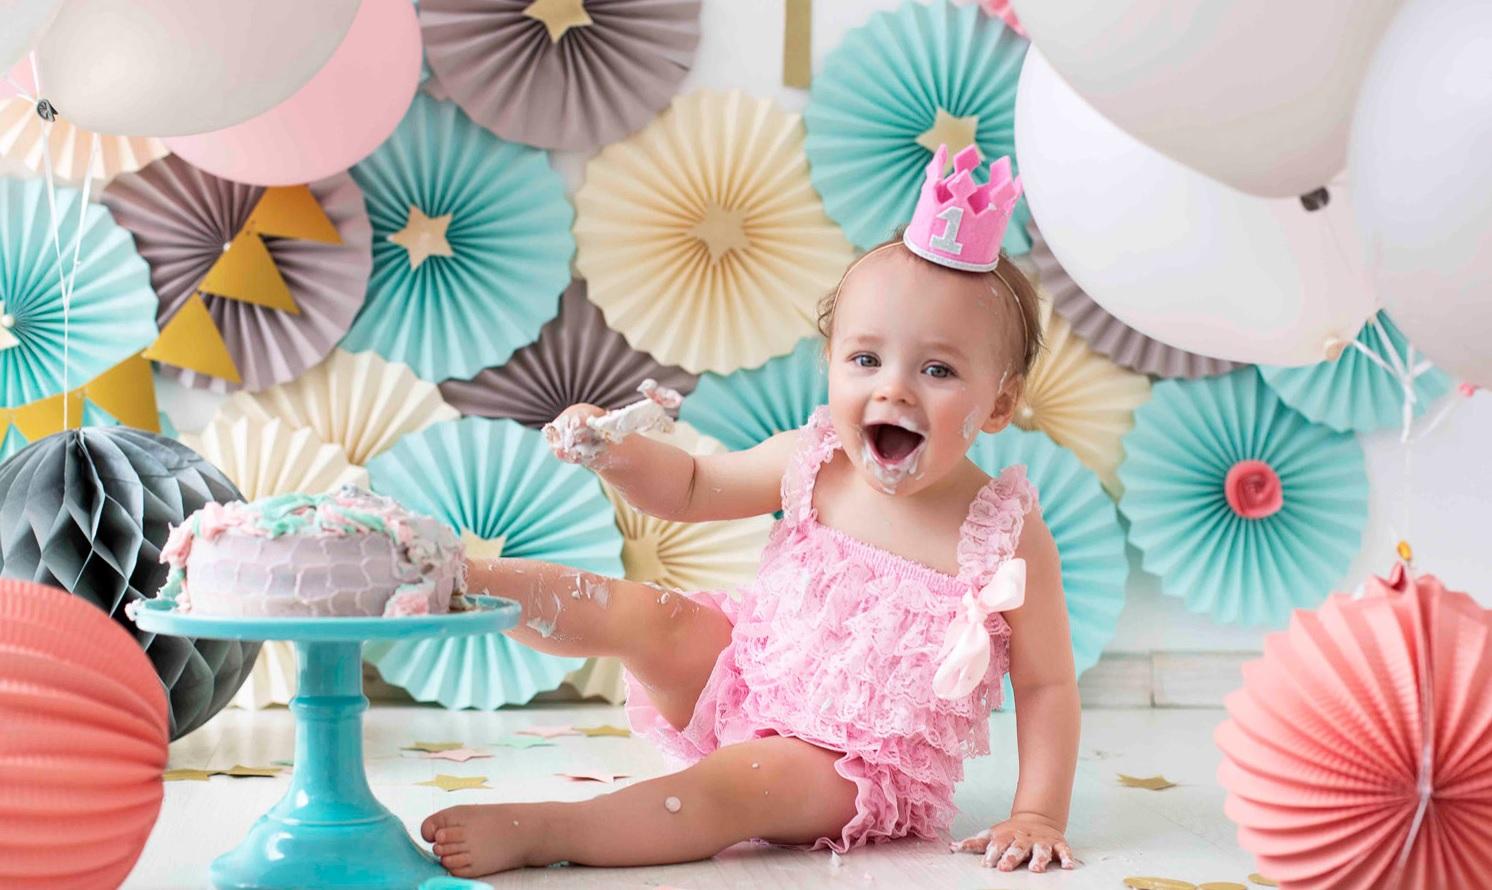 Поздравление дочке на 1 годик от мамы фото 189